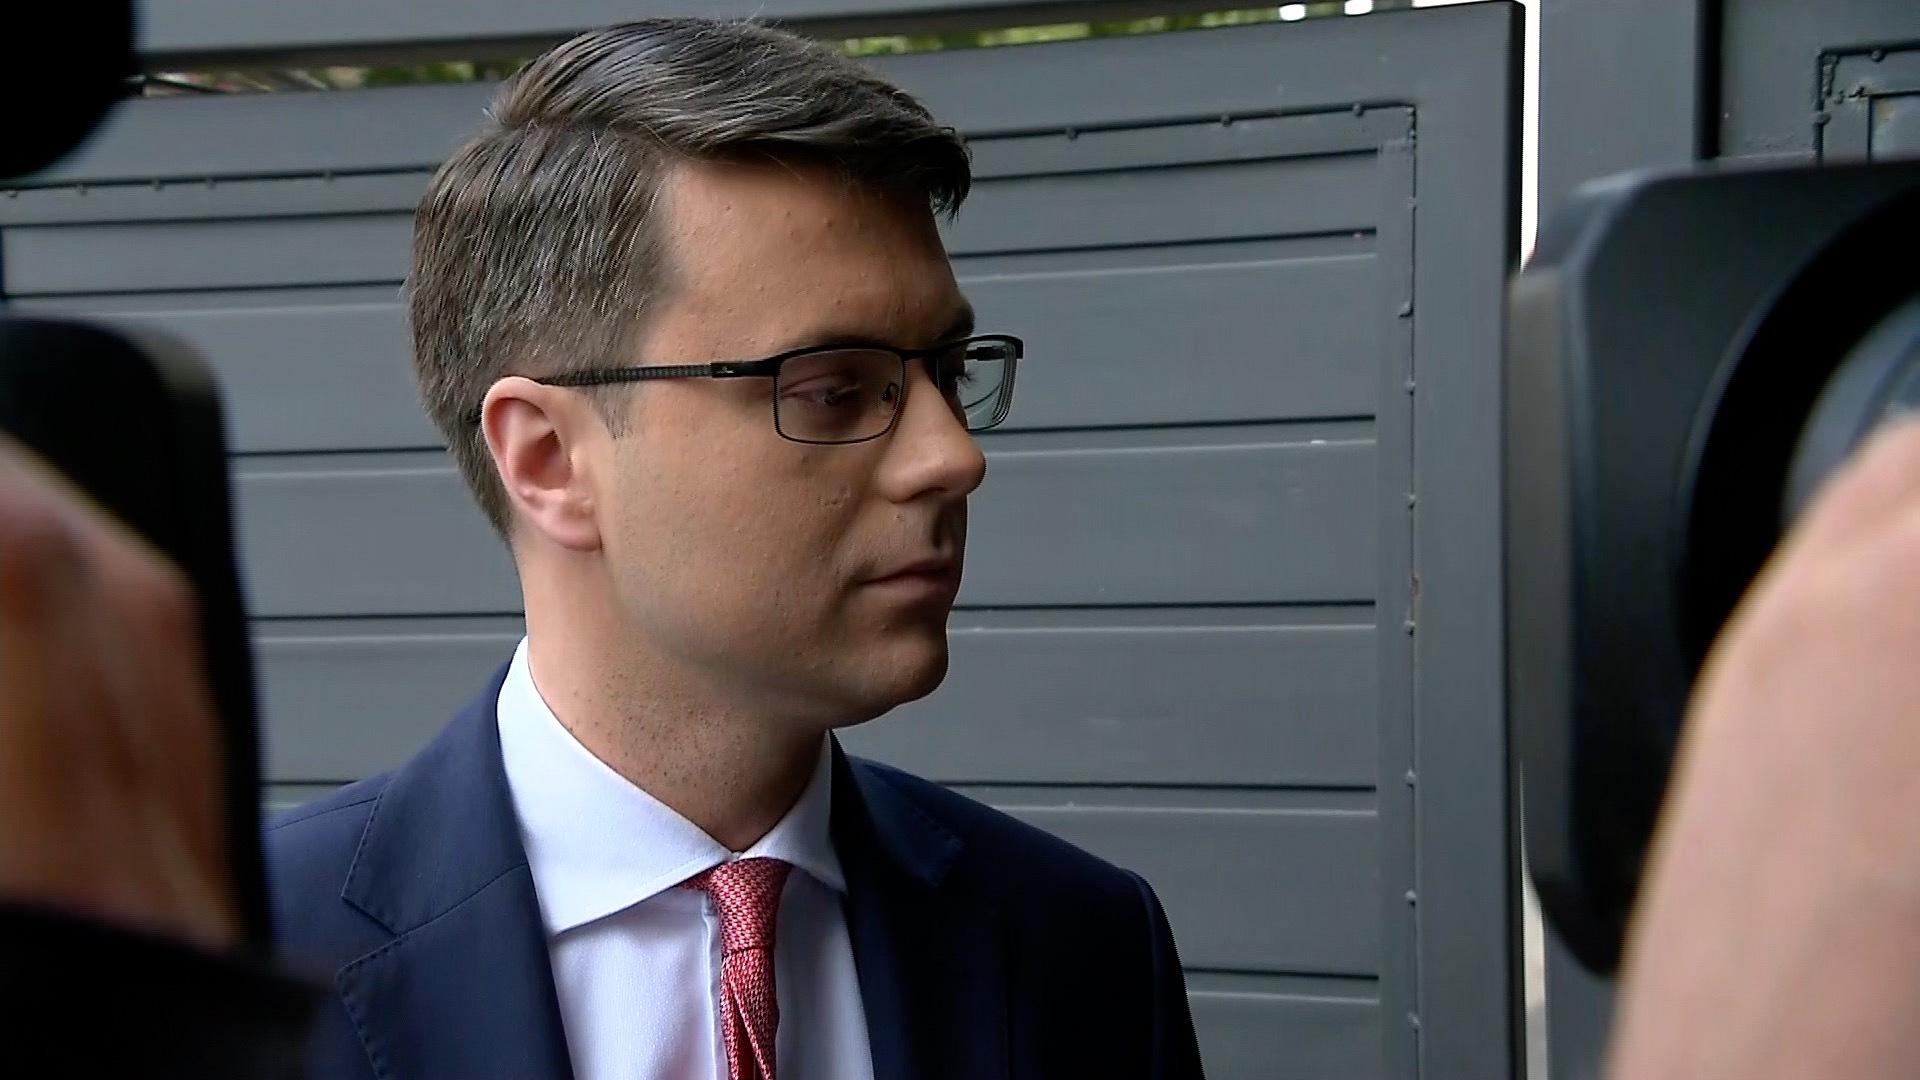 Rzecznik rządu: Ziobro nie będzie miał wpływu na dochodzenie. Wyłączy się z jakichkolwiek dedycji w tym procesie